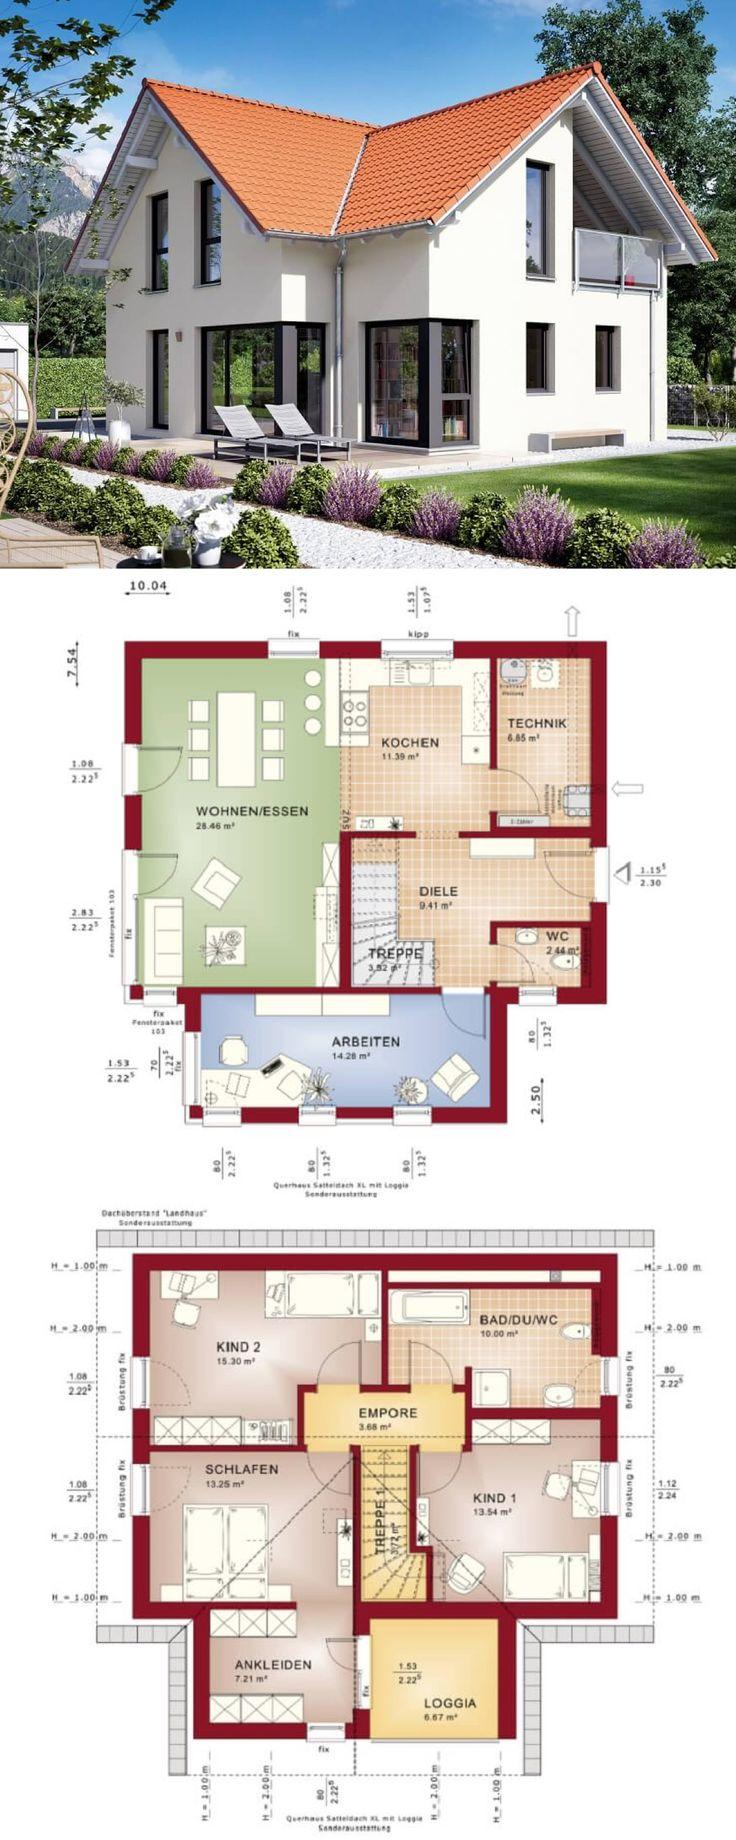 Klassisches Einfamilienhaus mit Satteldach Erker und Loggia - Haus Grundriss Edition 3 V 6 Bien Zenker Fertighaus - HausbauDirekt.de